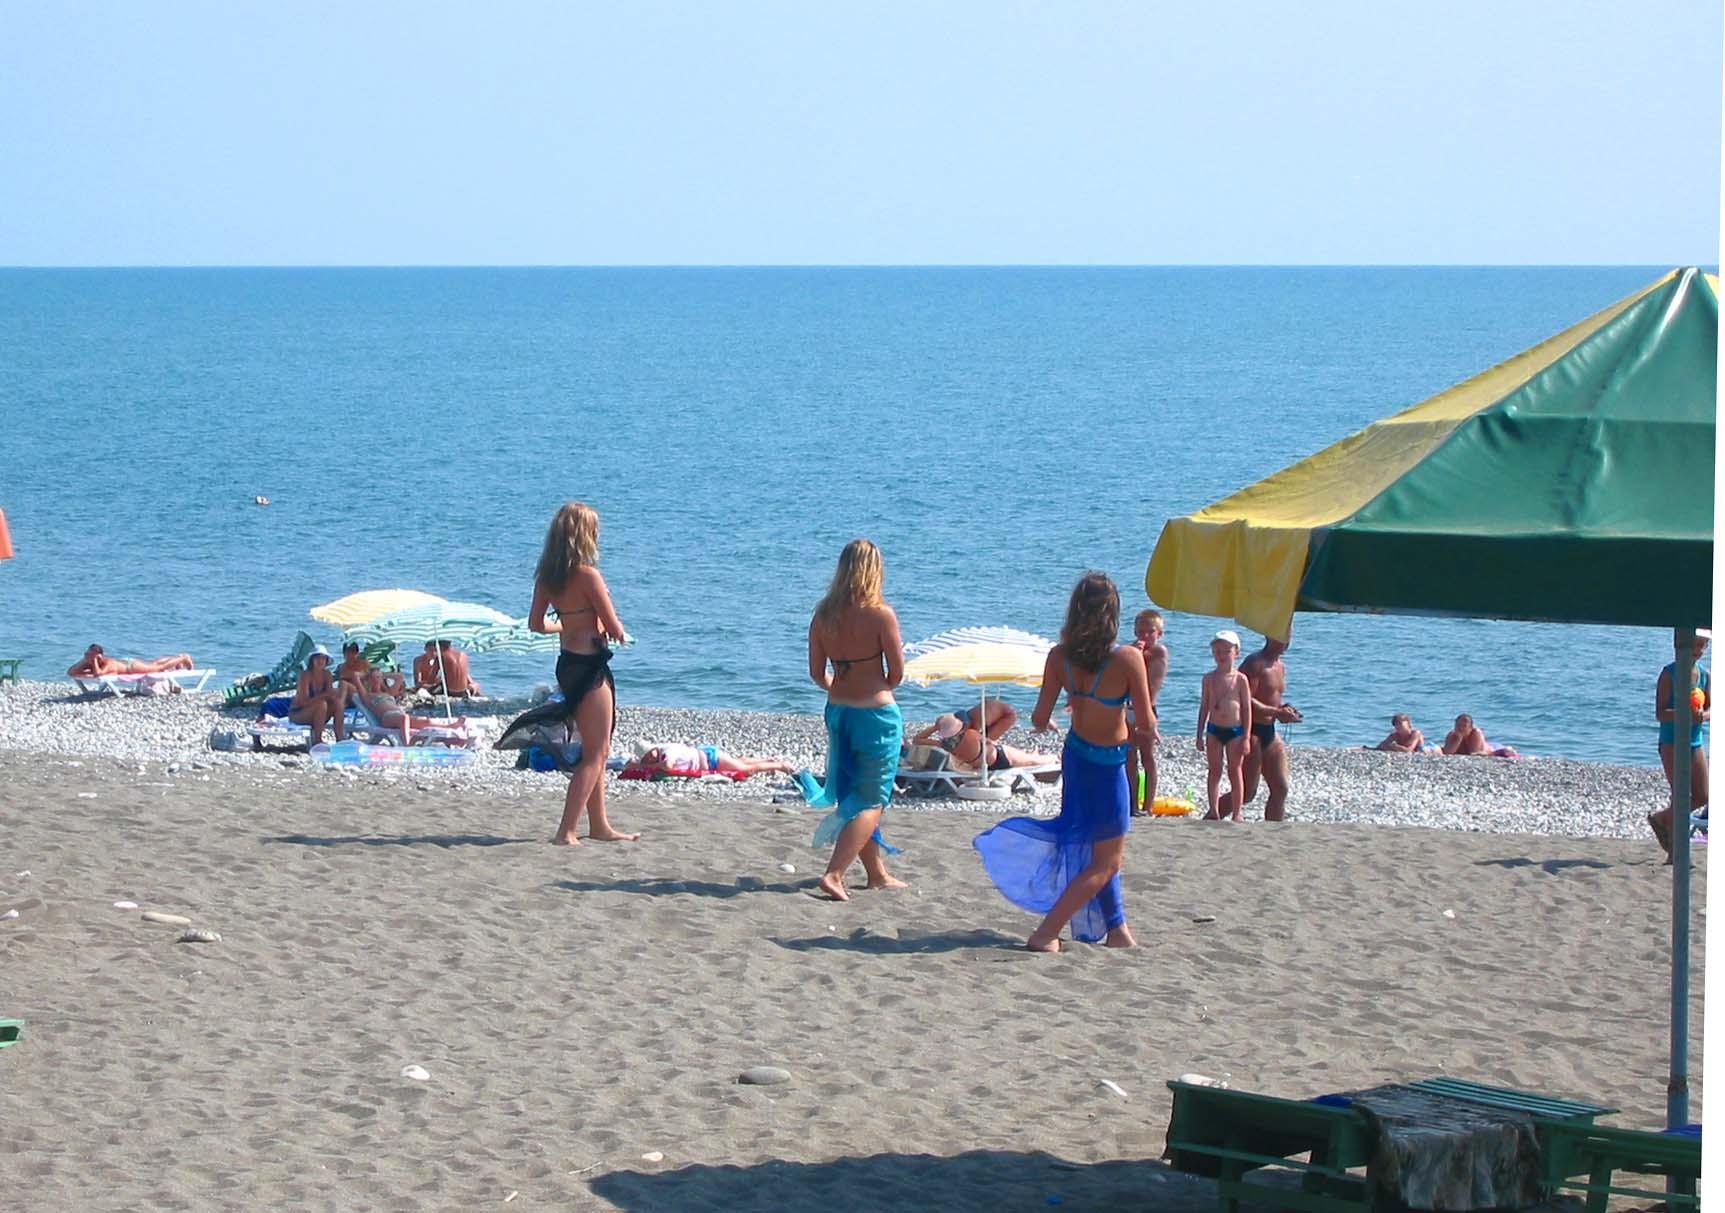 Литфонд 7 пляж 2